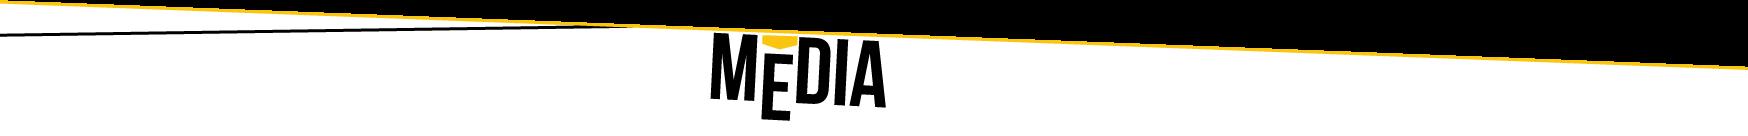 seperateur-media2